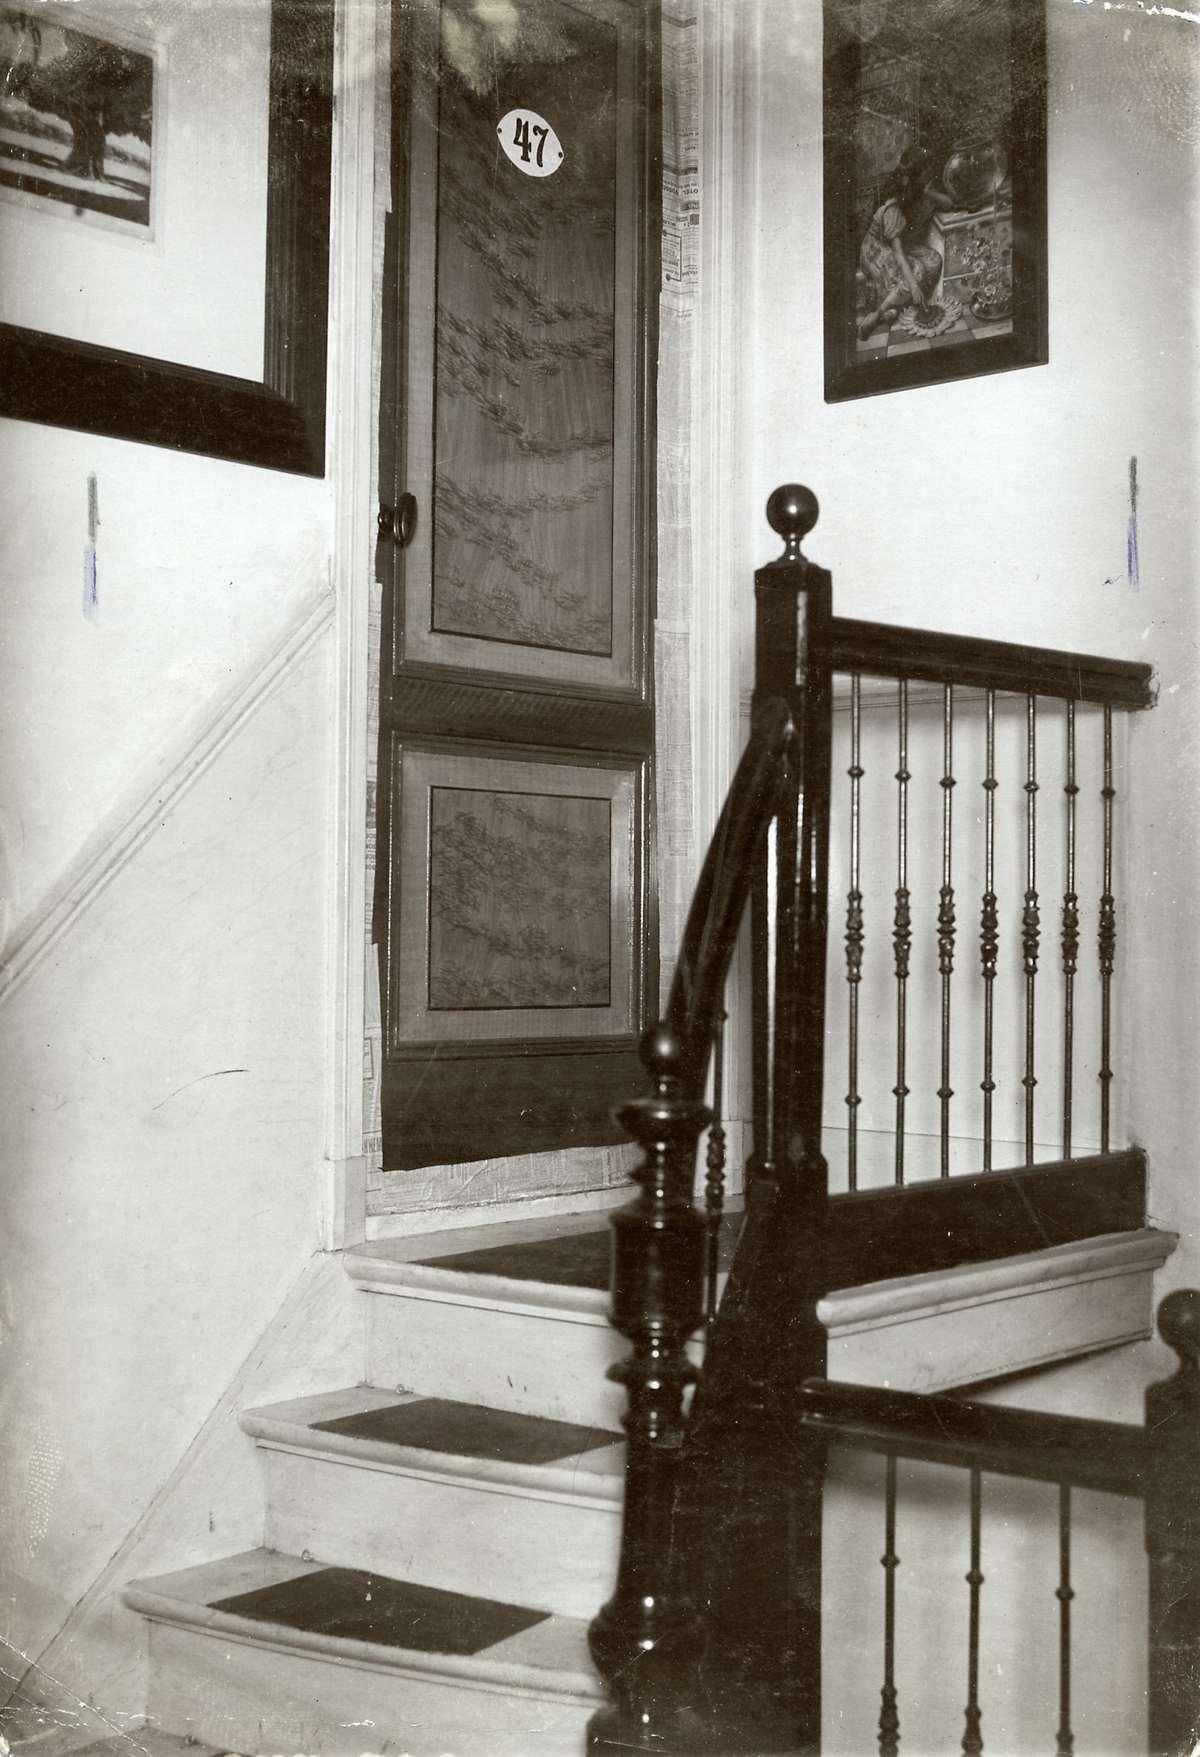 Kluizenaars de toegang via een trap naar een hotelkamer in amsterdam waar een kluizenaar - Upgrade naar een kamer ...